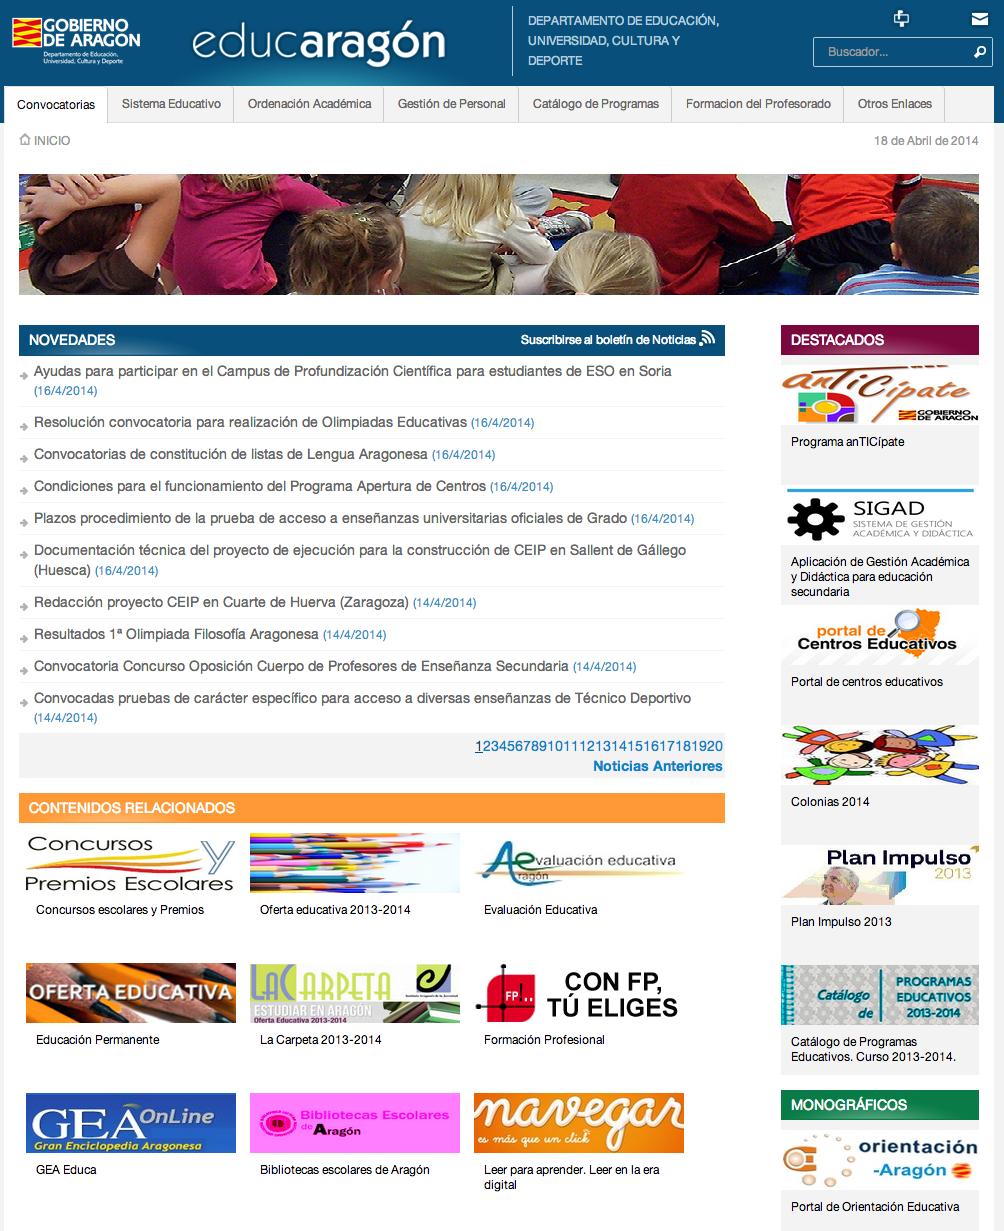 Captura de pantalla 2014-04-18 a las 17.50.30